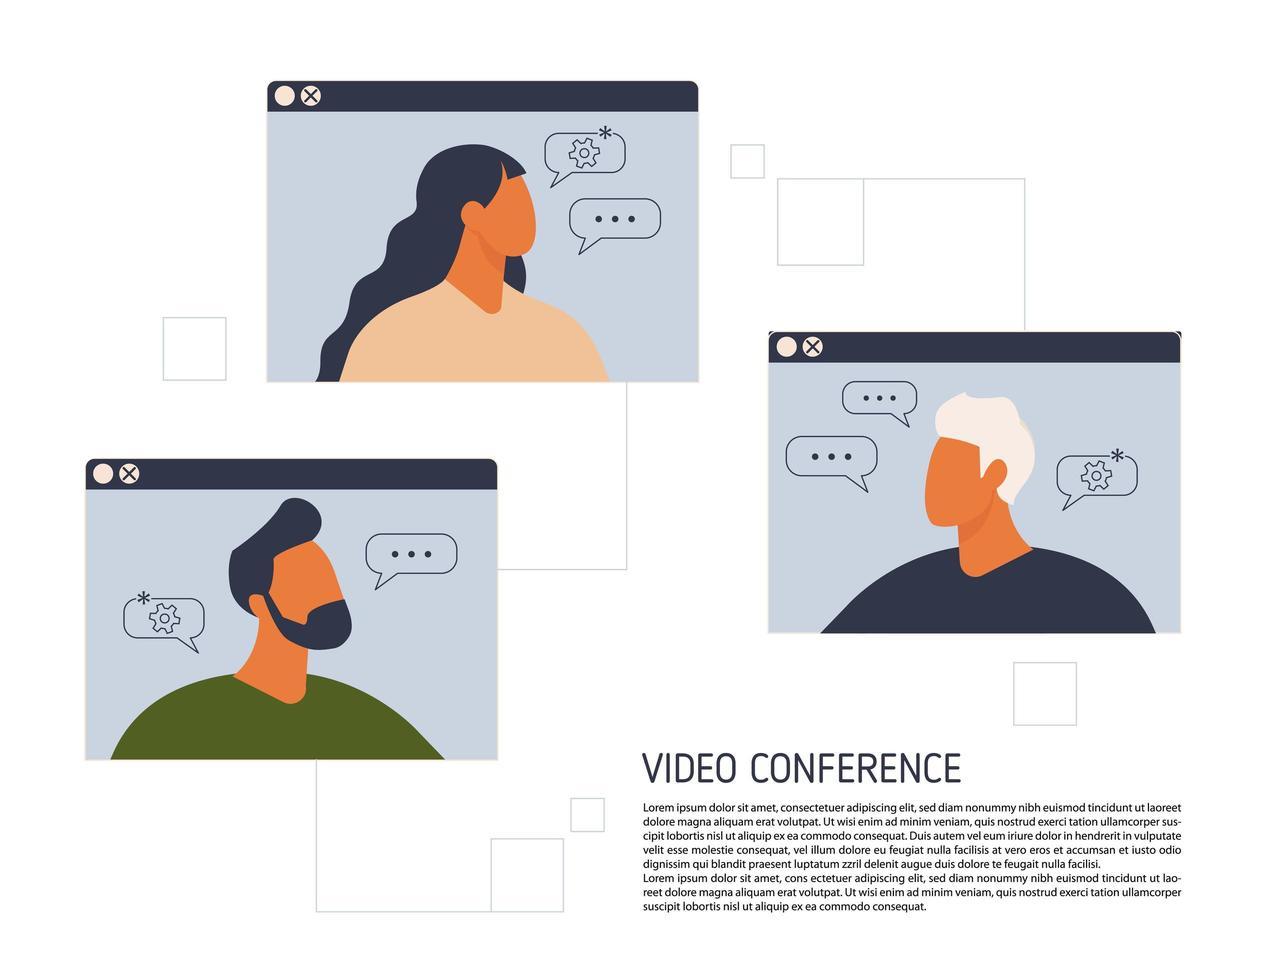 rester et travailler à domicile. illustration de vidéoconférence. lieu de travail, écran d'ordinateur portable, groupe de personnes qui parlent par internet. flux, chat Web, rencontre en ligne avec des amis. coronavirus, isolement en quarantaine. vecteur